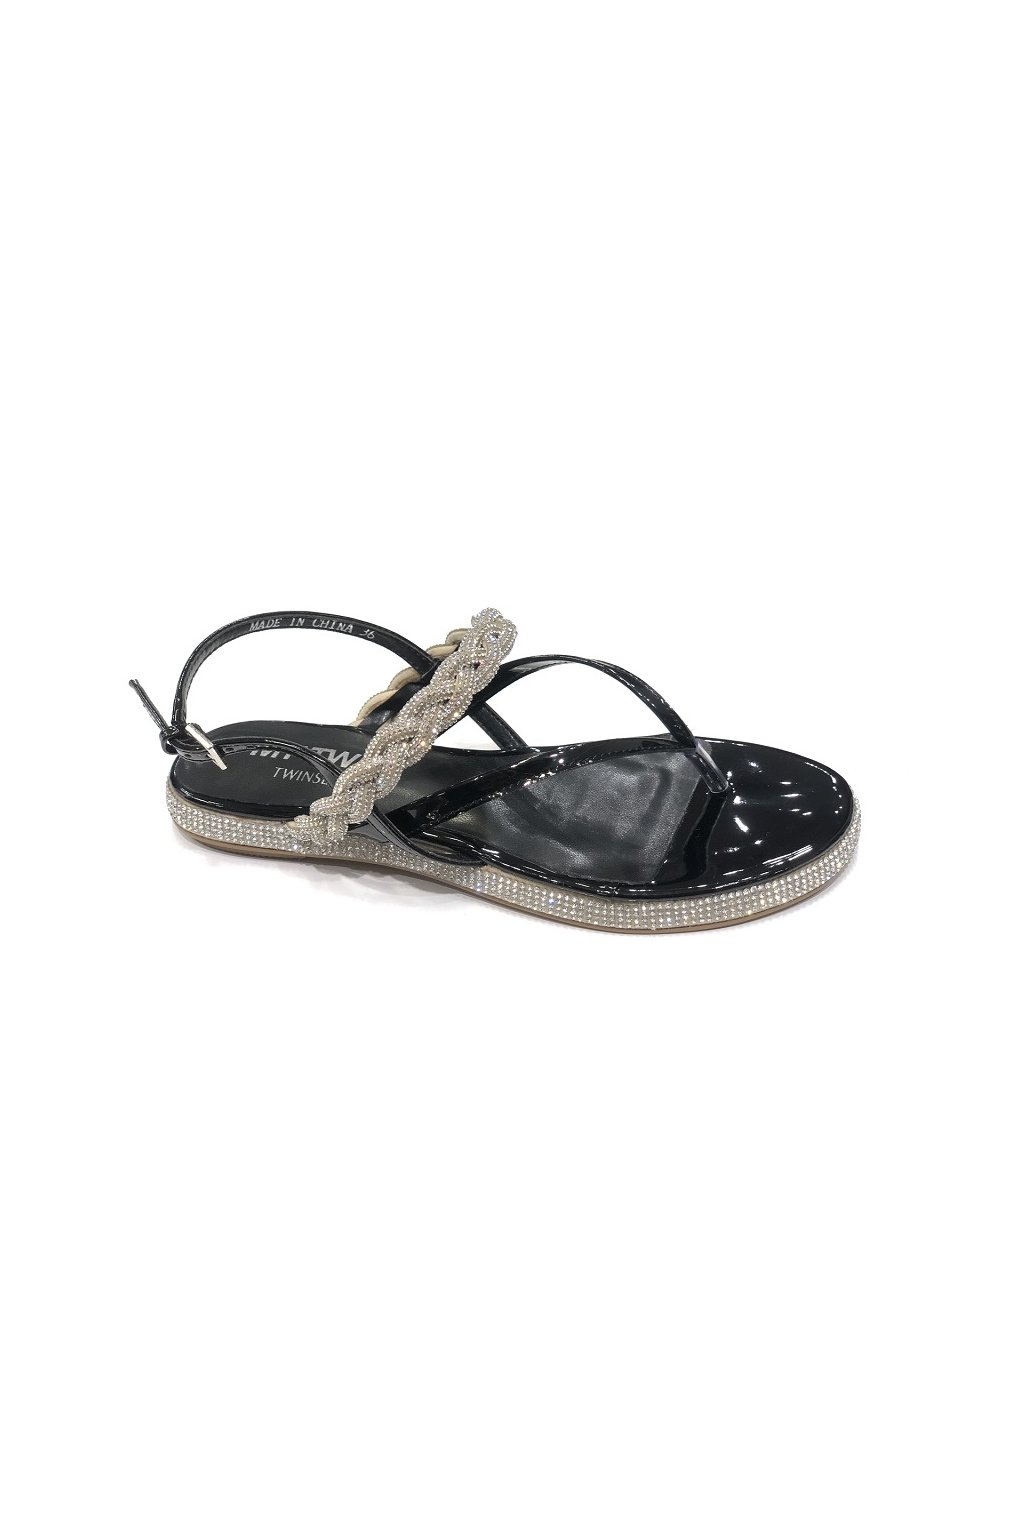 201MCT03E Dámské sandály Twinset černé